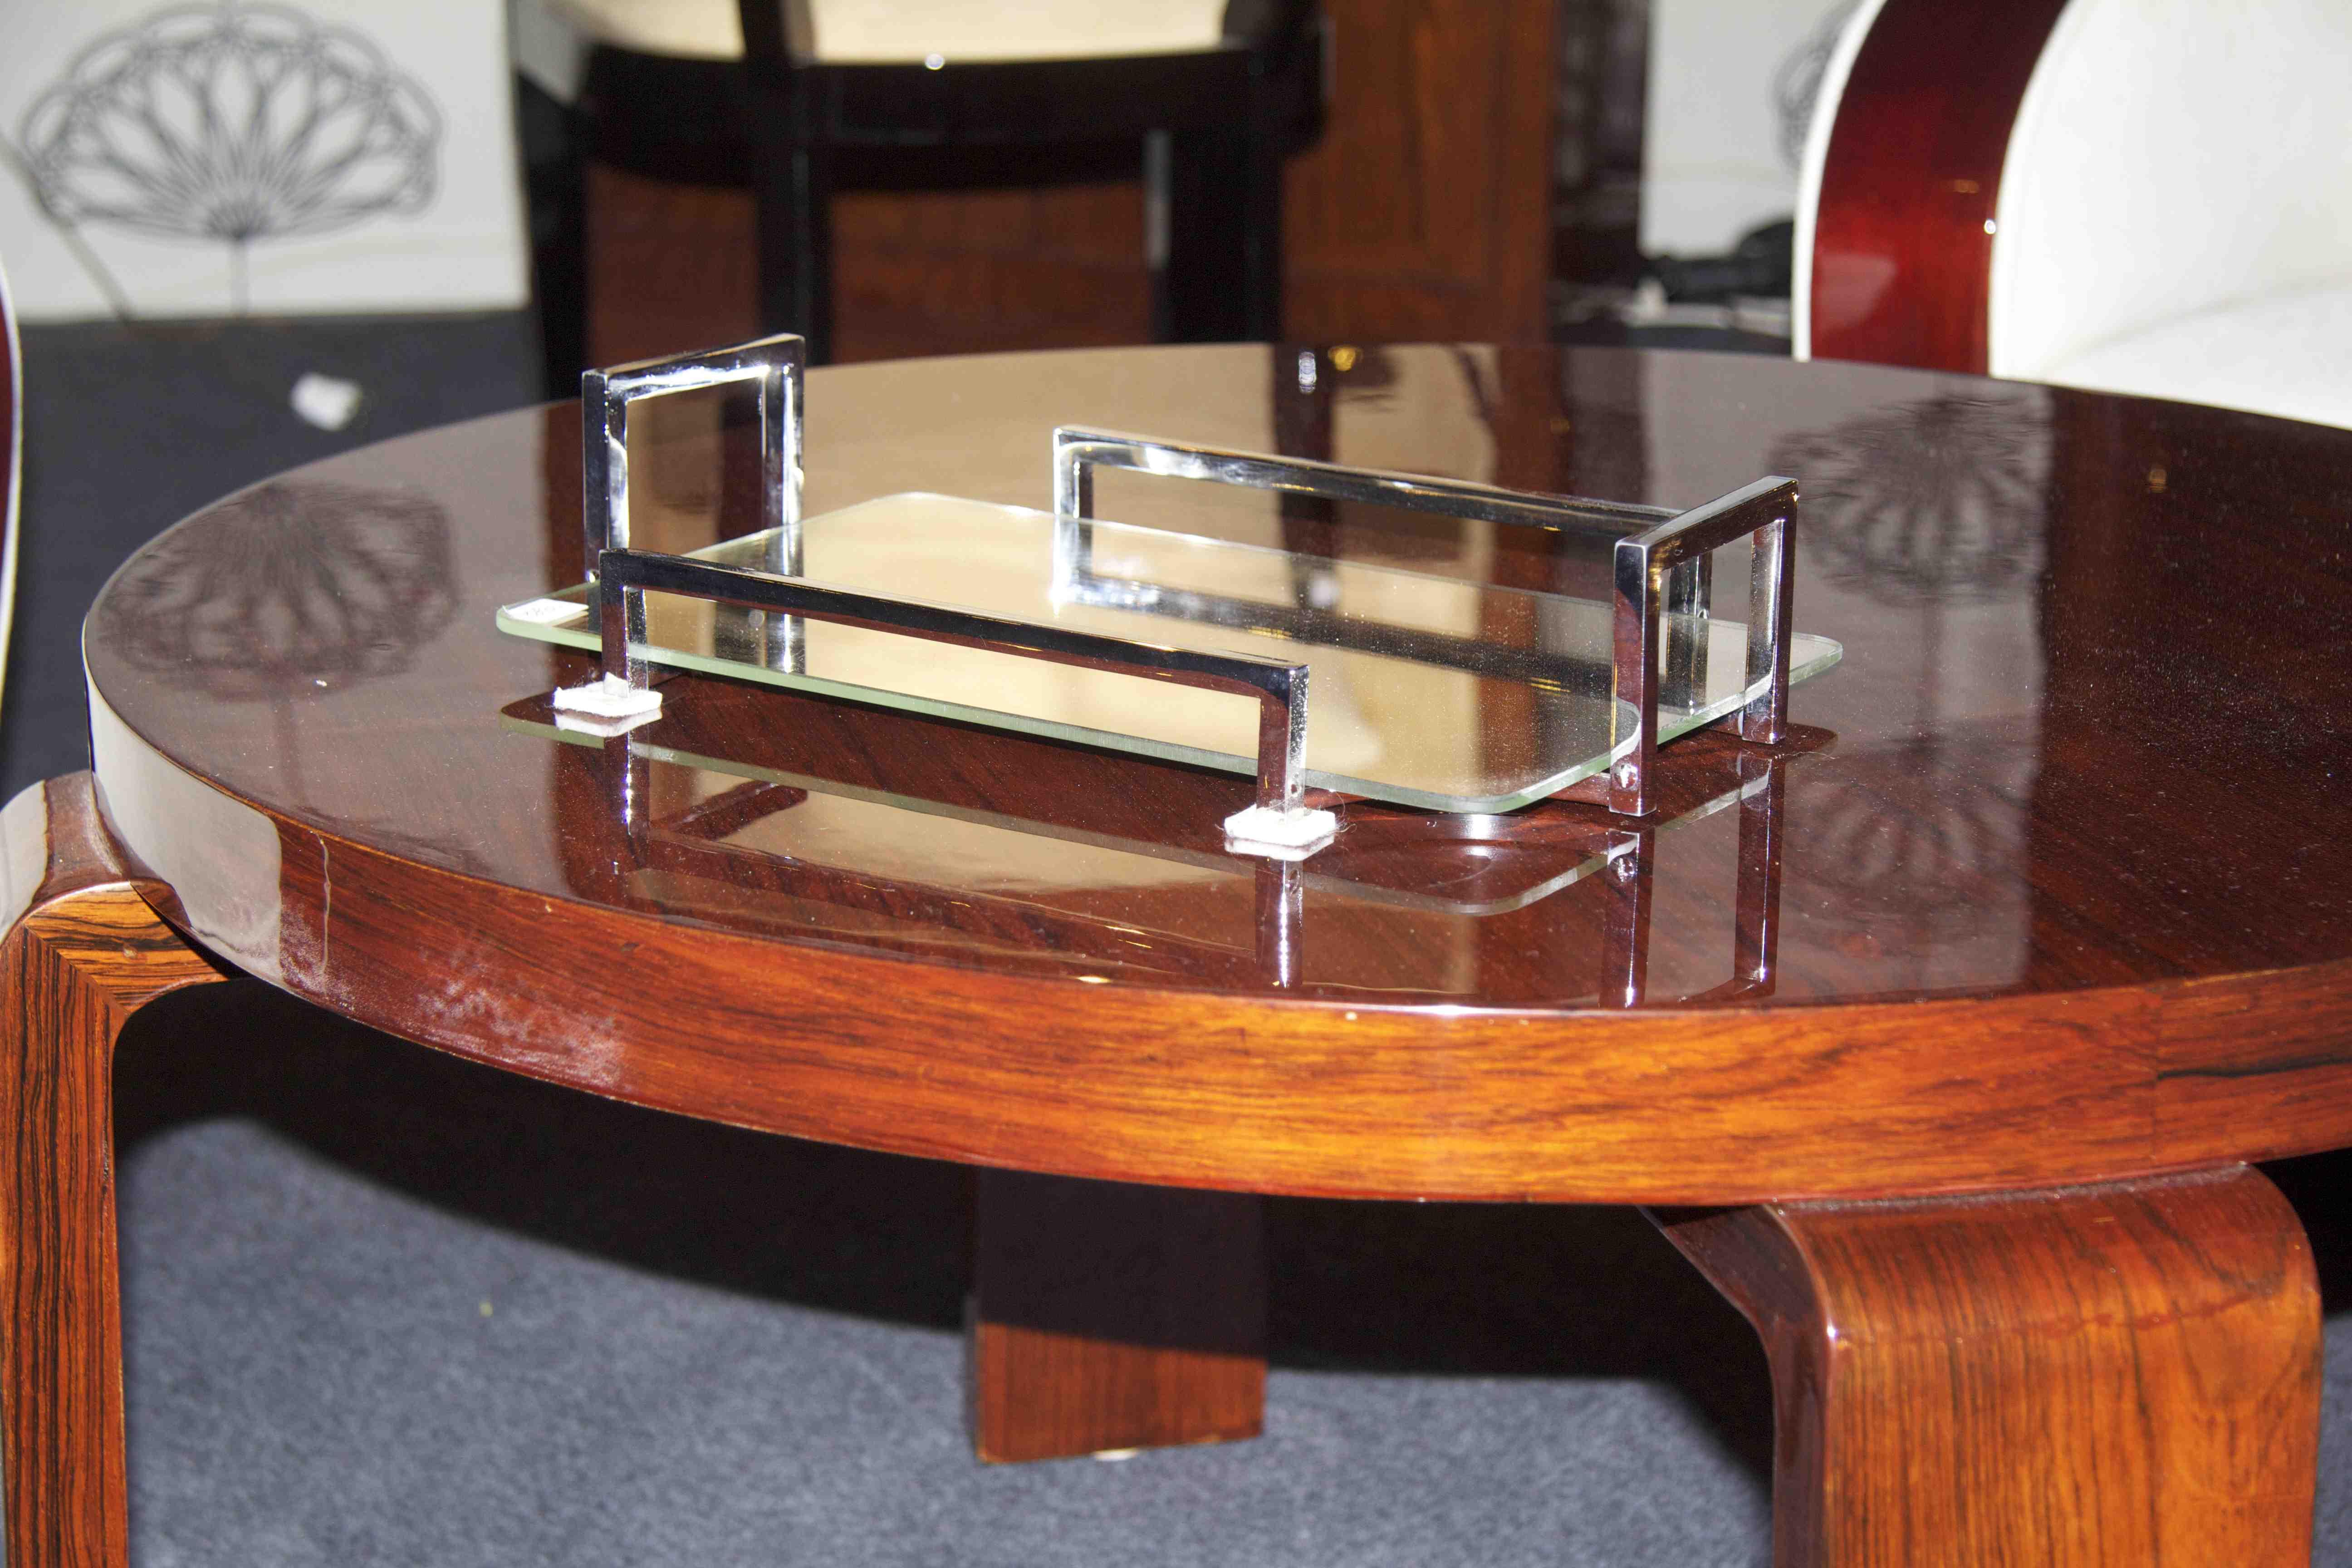 Table Basse Ronde Art Deco table basse art deco en palissandre de rio / table salon